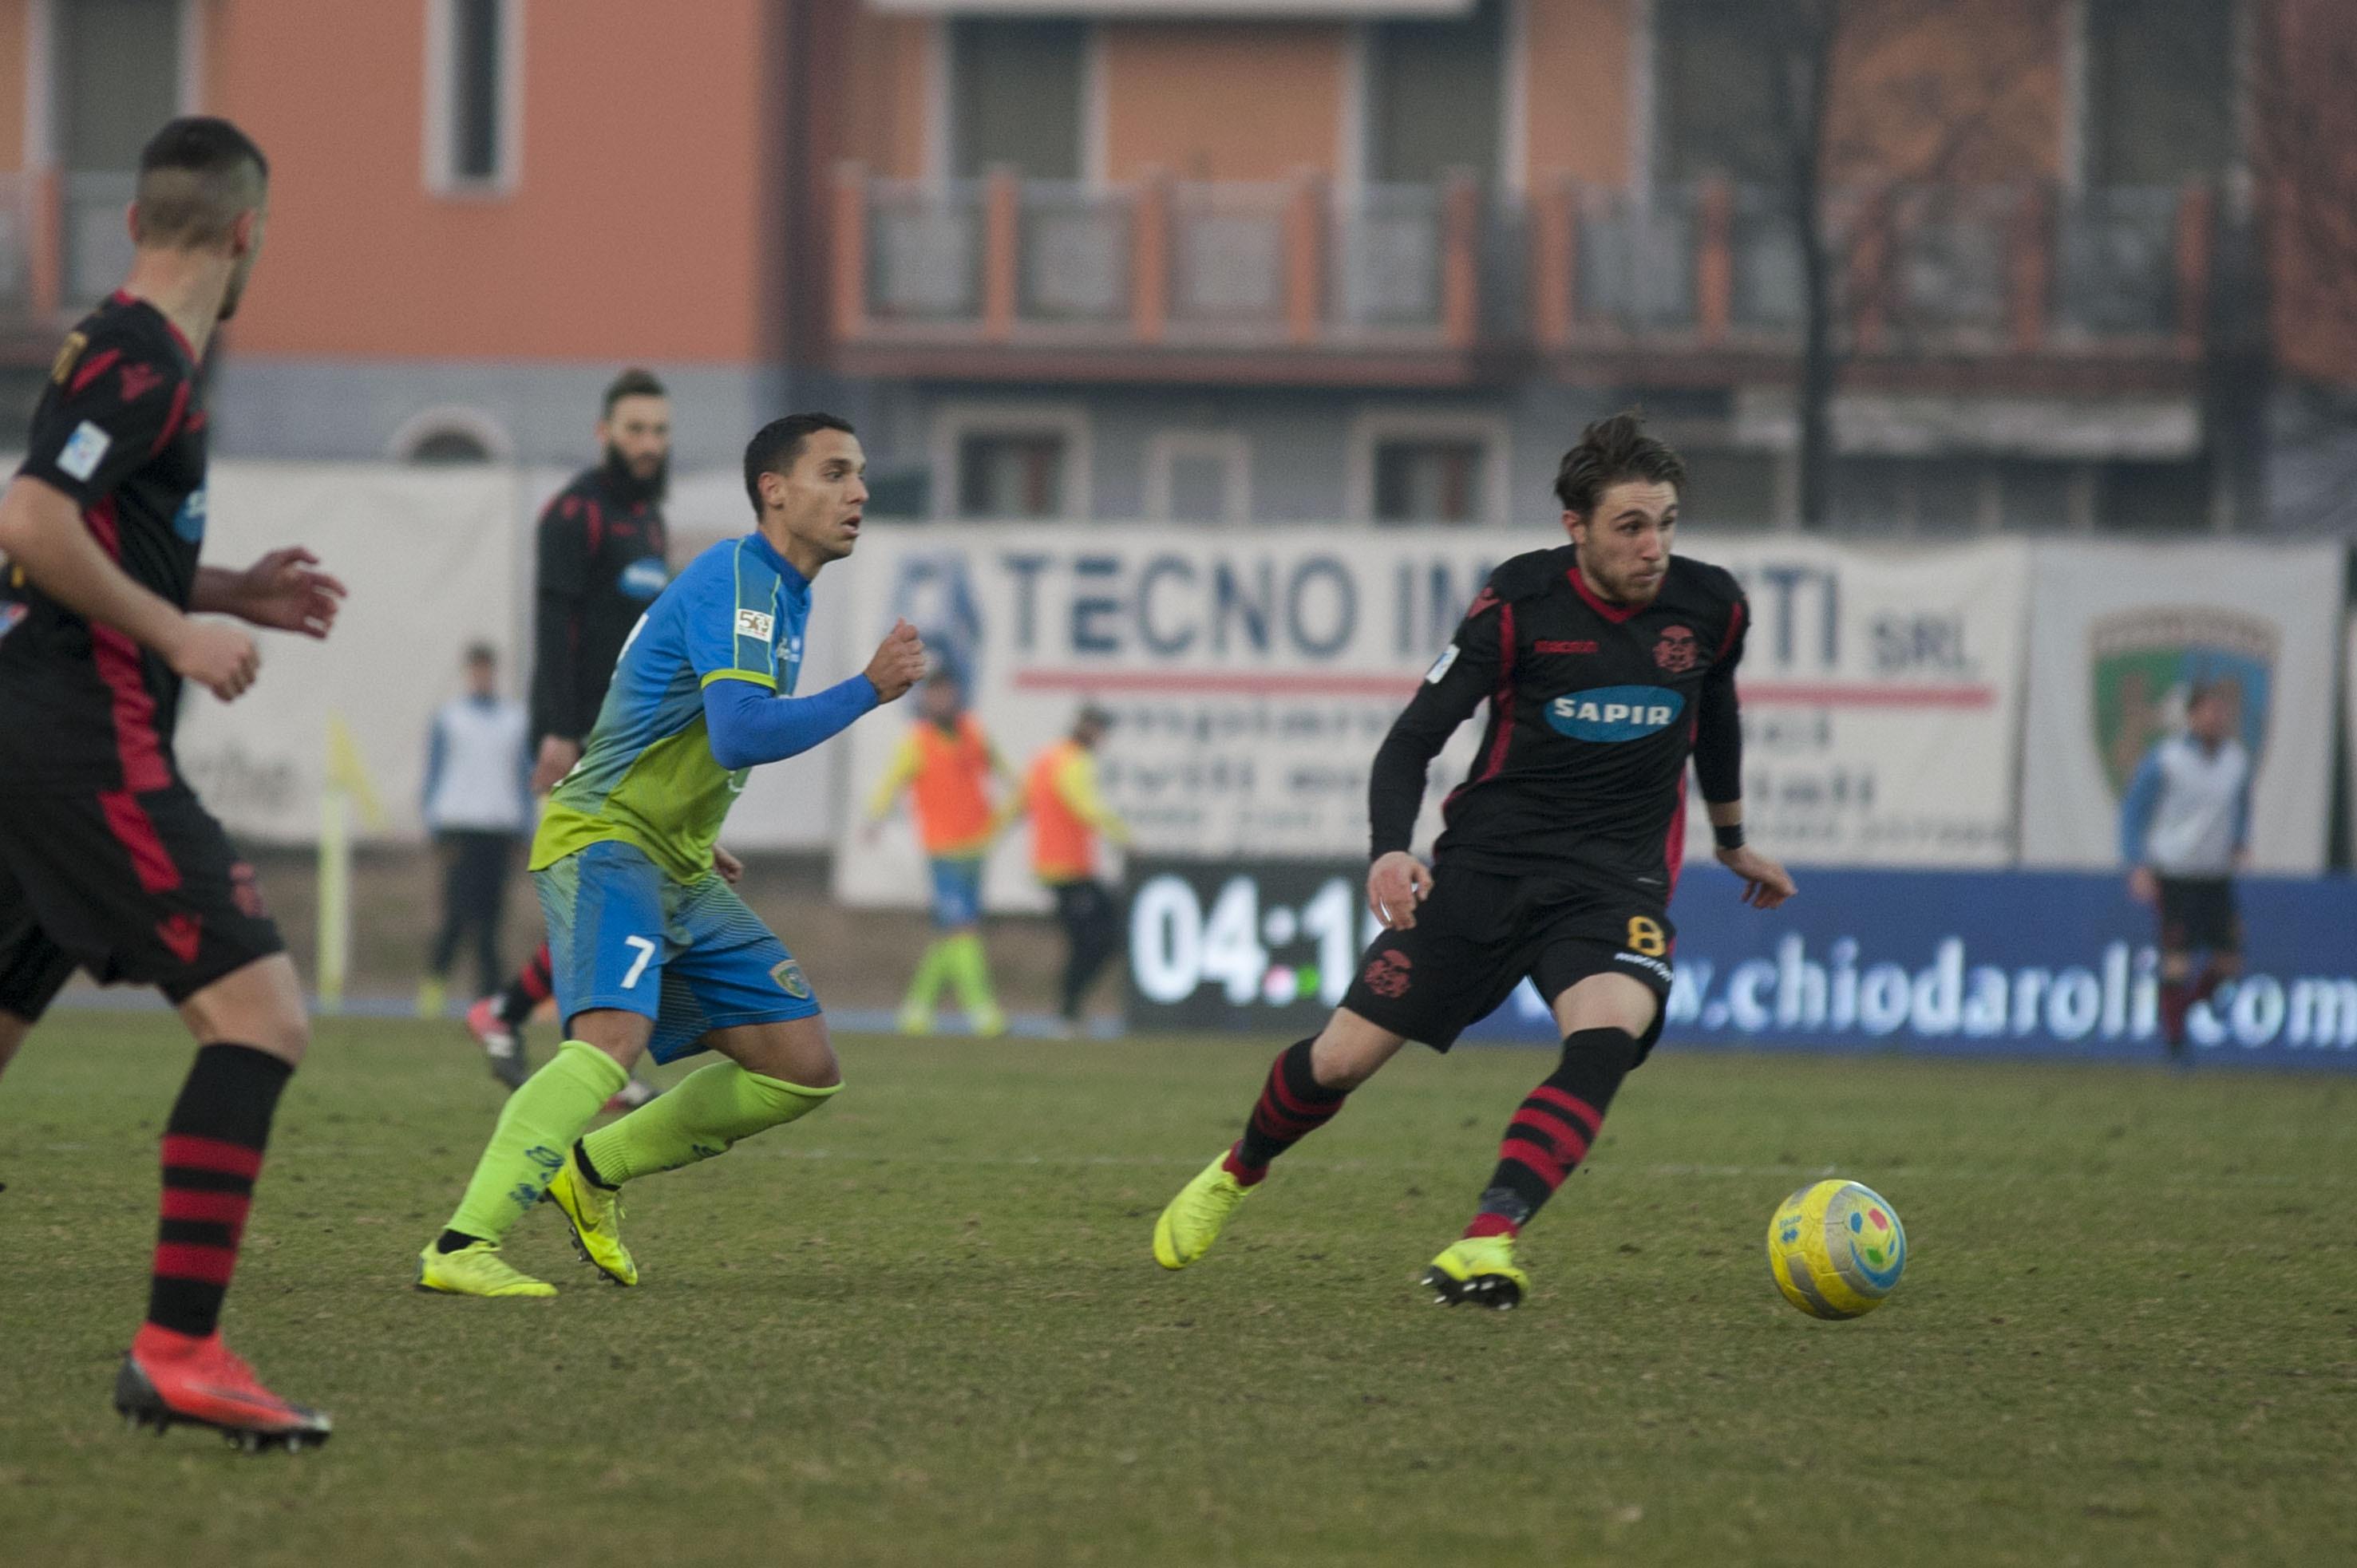 Calcio serie C, il Ravenna pareggia a Salò ed è fuori dai play-off